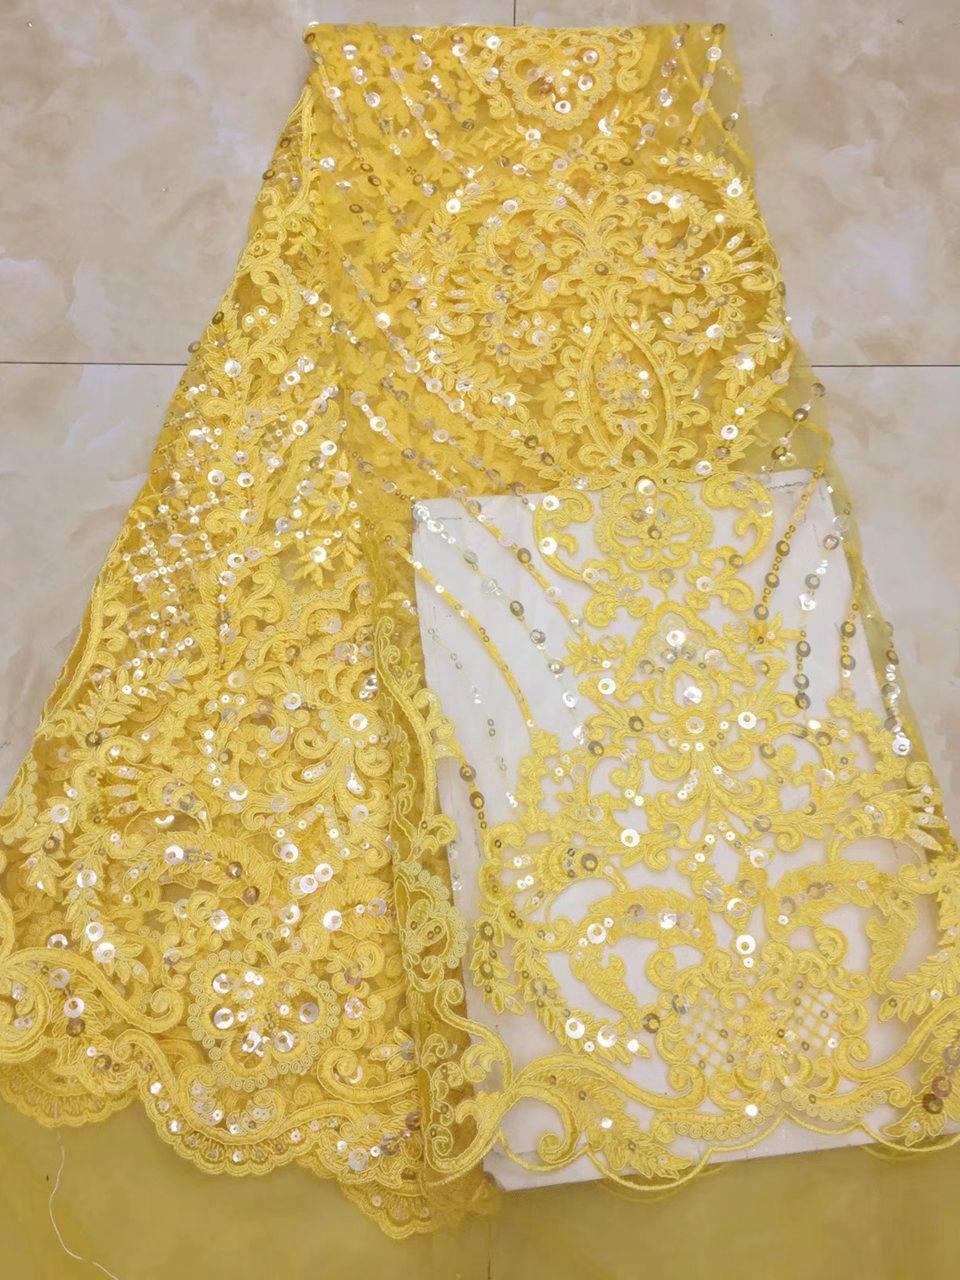 2018 Nigeriaanse netto materiaal witte Franse kant stof, bruid bruiloft Afrikaanse pailletten kant stof hoge kwaliteit AD740-in Kant van Huis & Tuin op  Groep 3